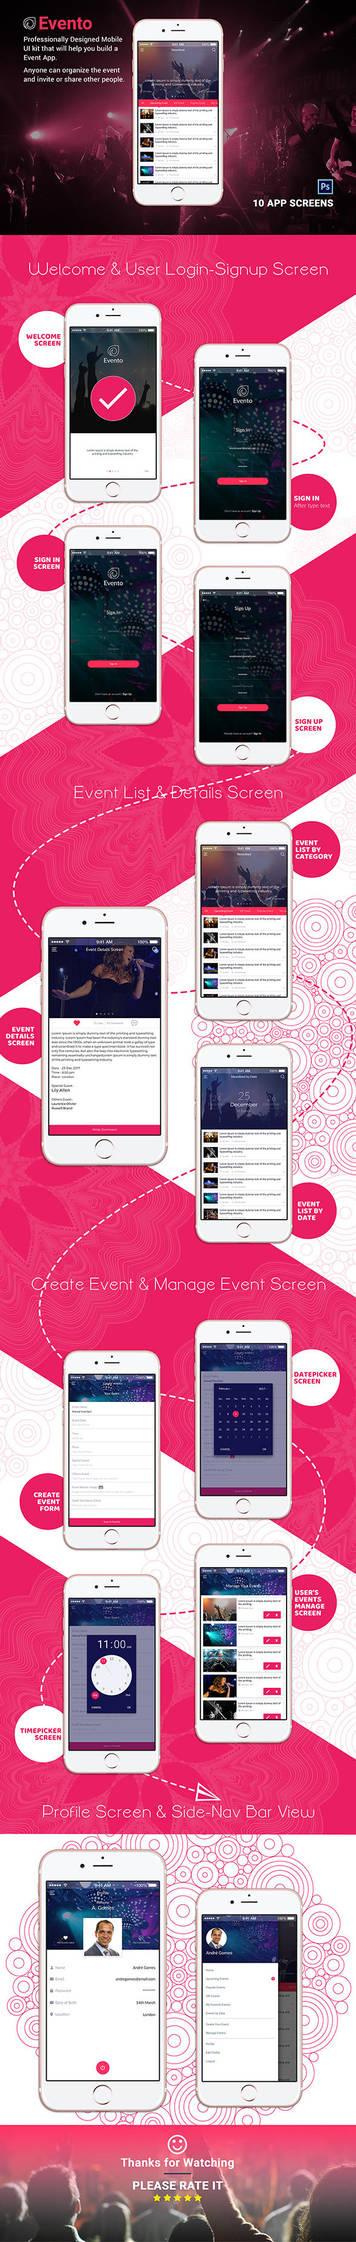 Event Mobile App - EVENTO by designpex